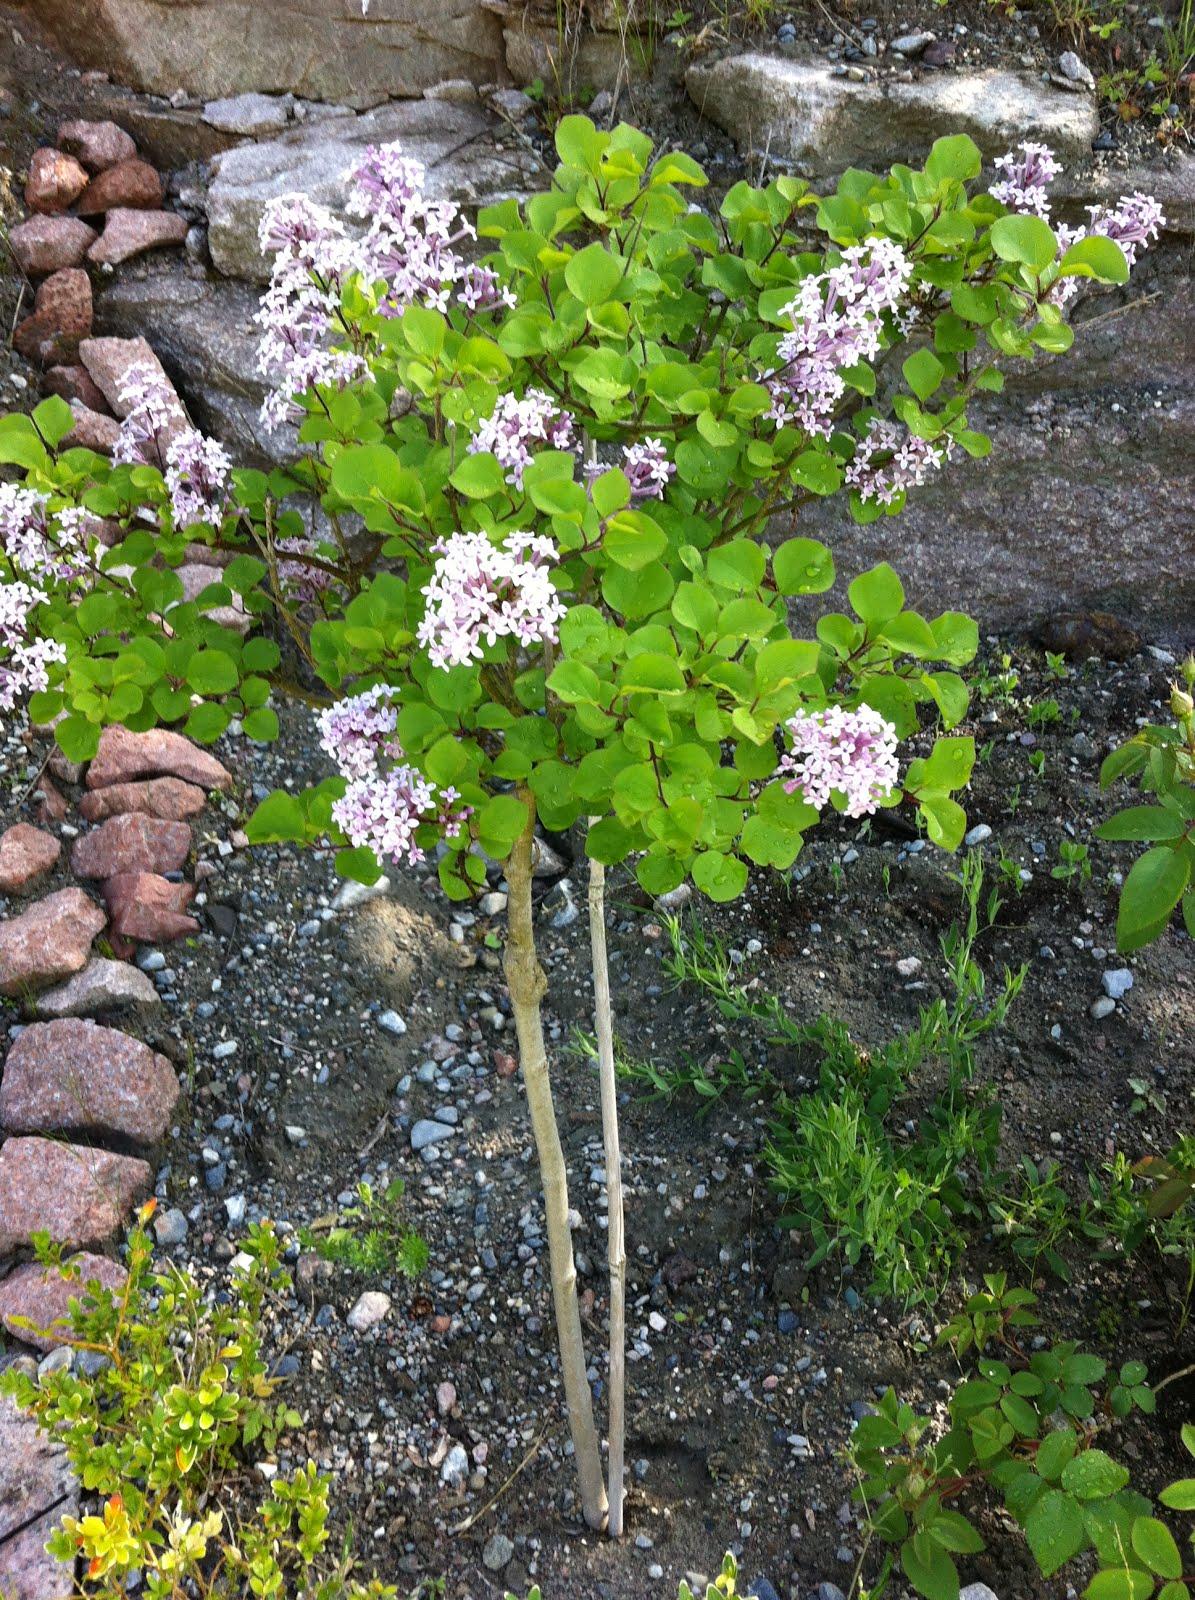 Den som planter en hage planter lykke - kinesisk ordspråk